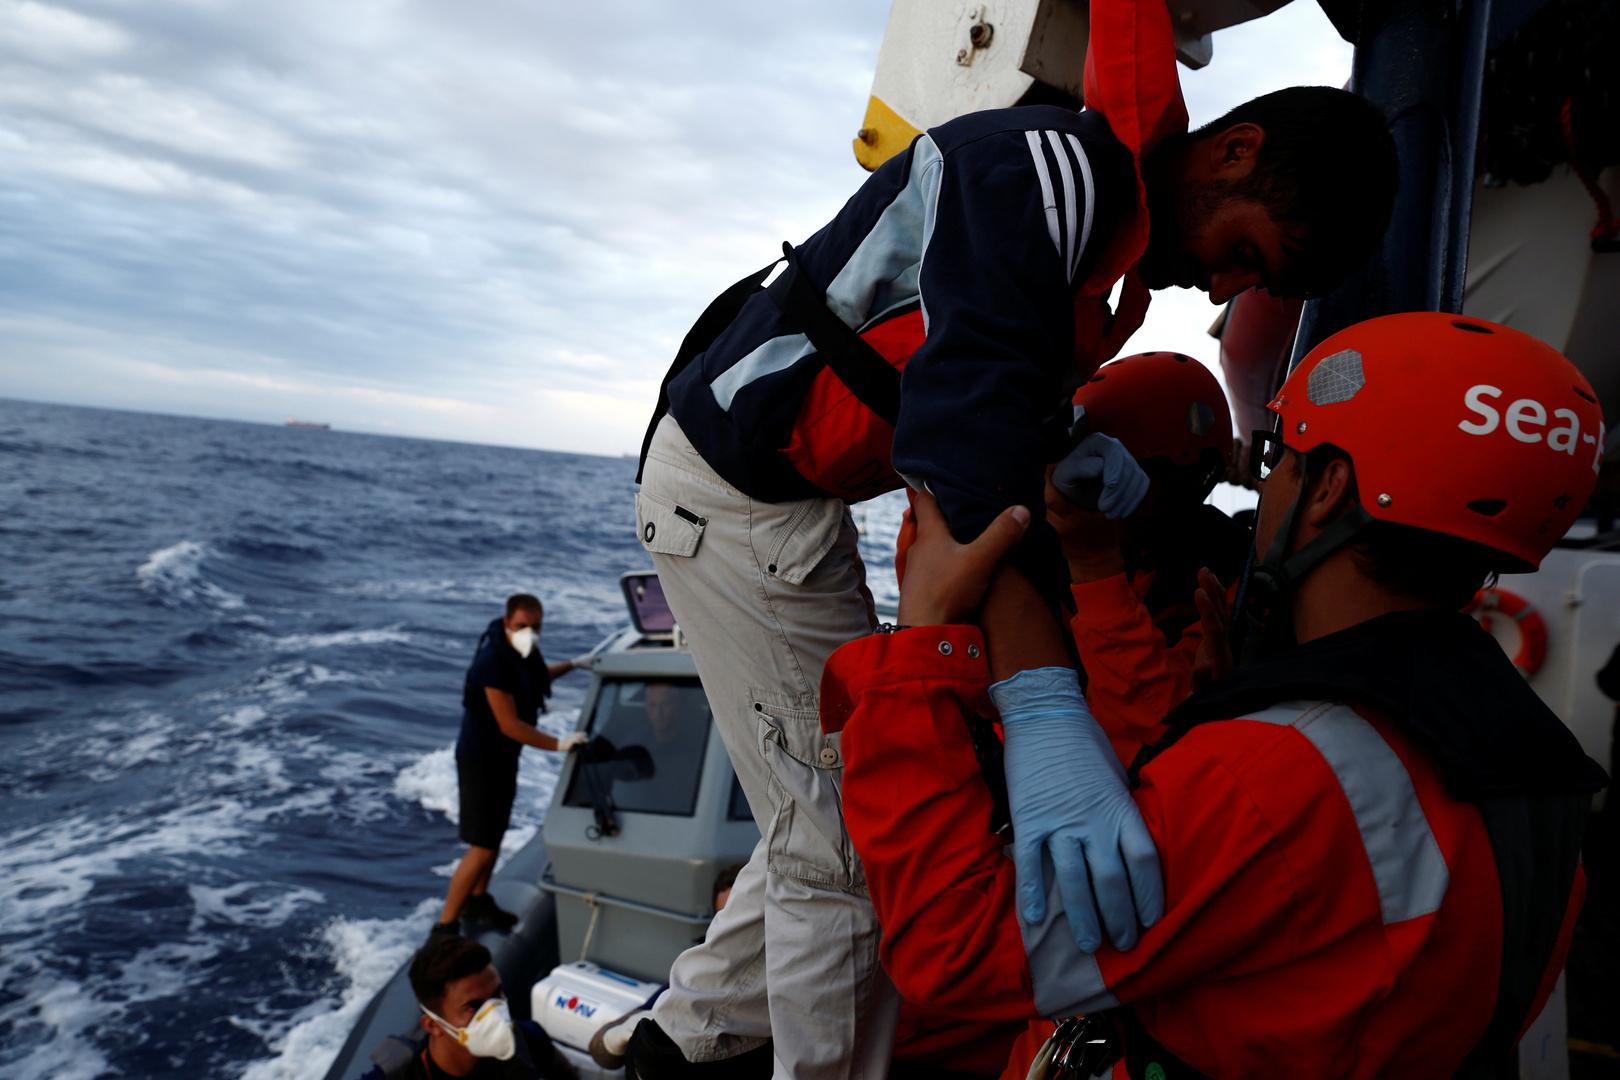 مهاجر ينزل من سفينة إنقاذ المهاجرين Sea-Eye الألمانية غير الحكومية